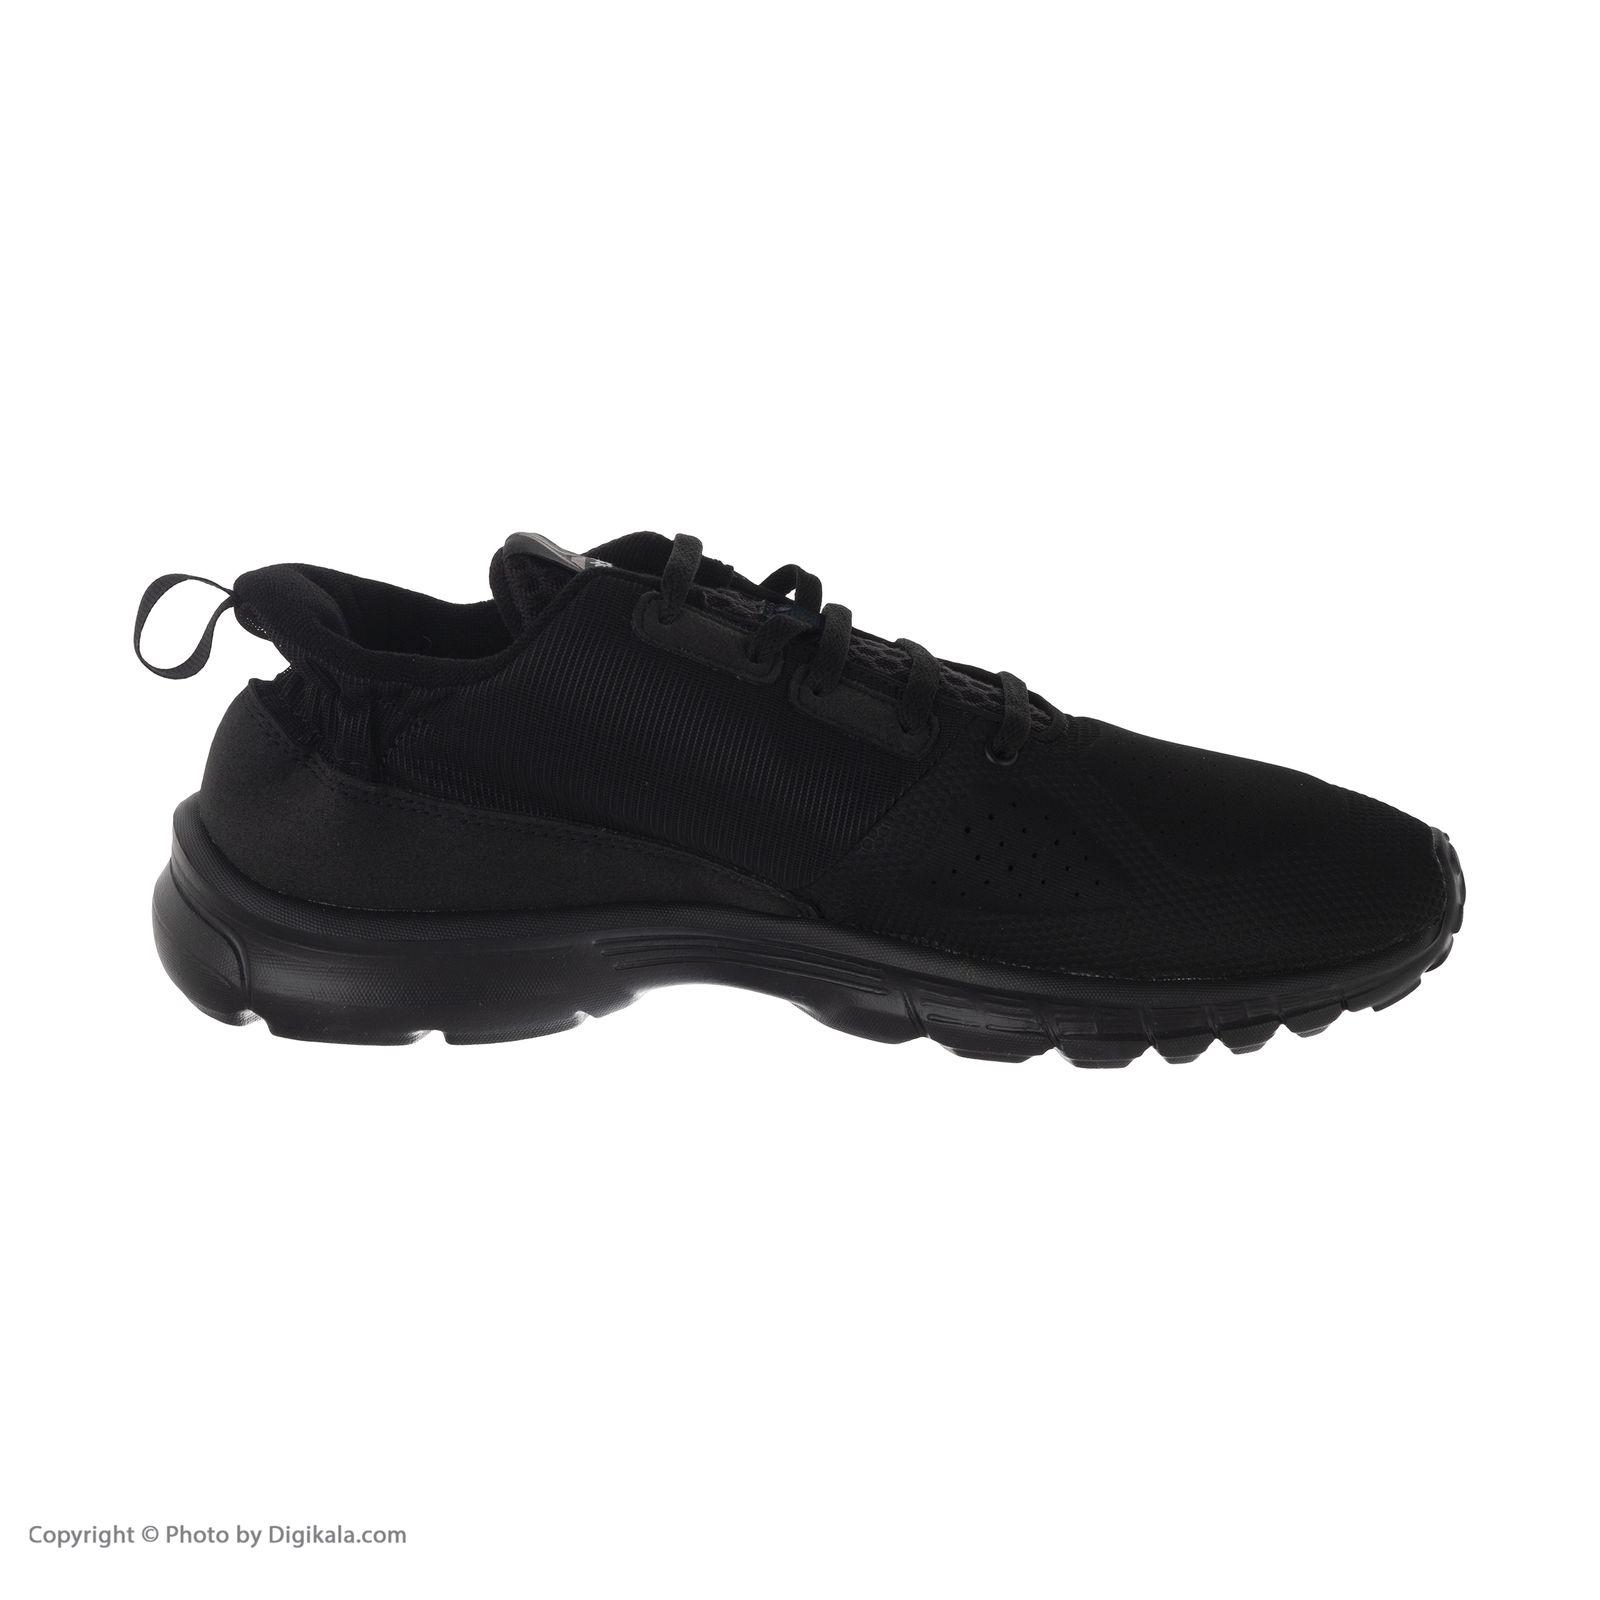 کفش مخصوص دویدن مردانه ریباک مدل Aim mt -  - 2